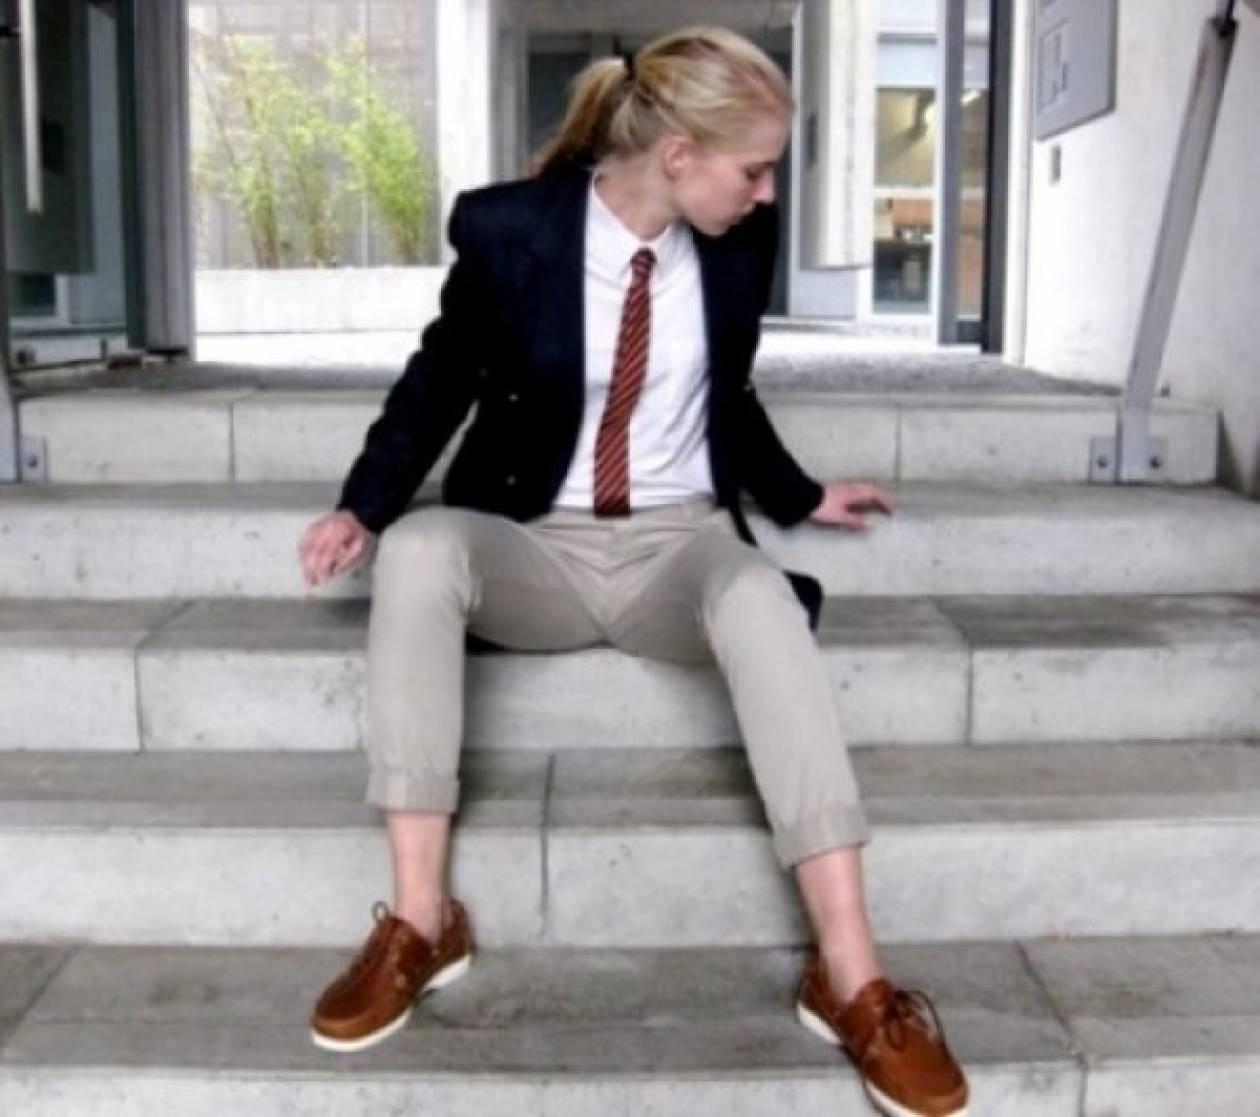 Οι 7 λόγοι που δεν τα πήγες καλά στο interview και έχασες τη δουλειά